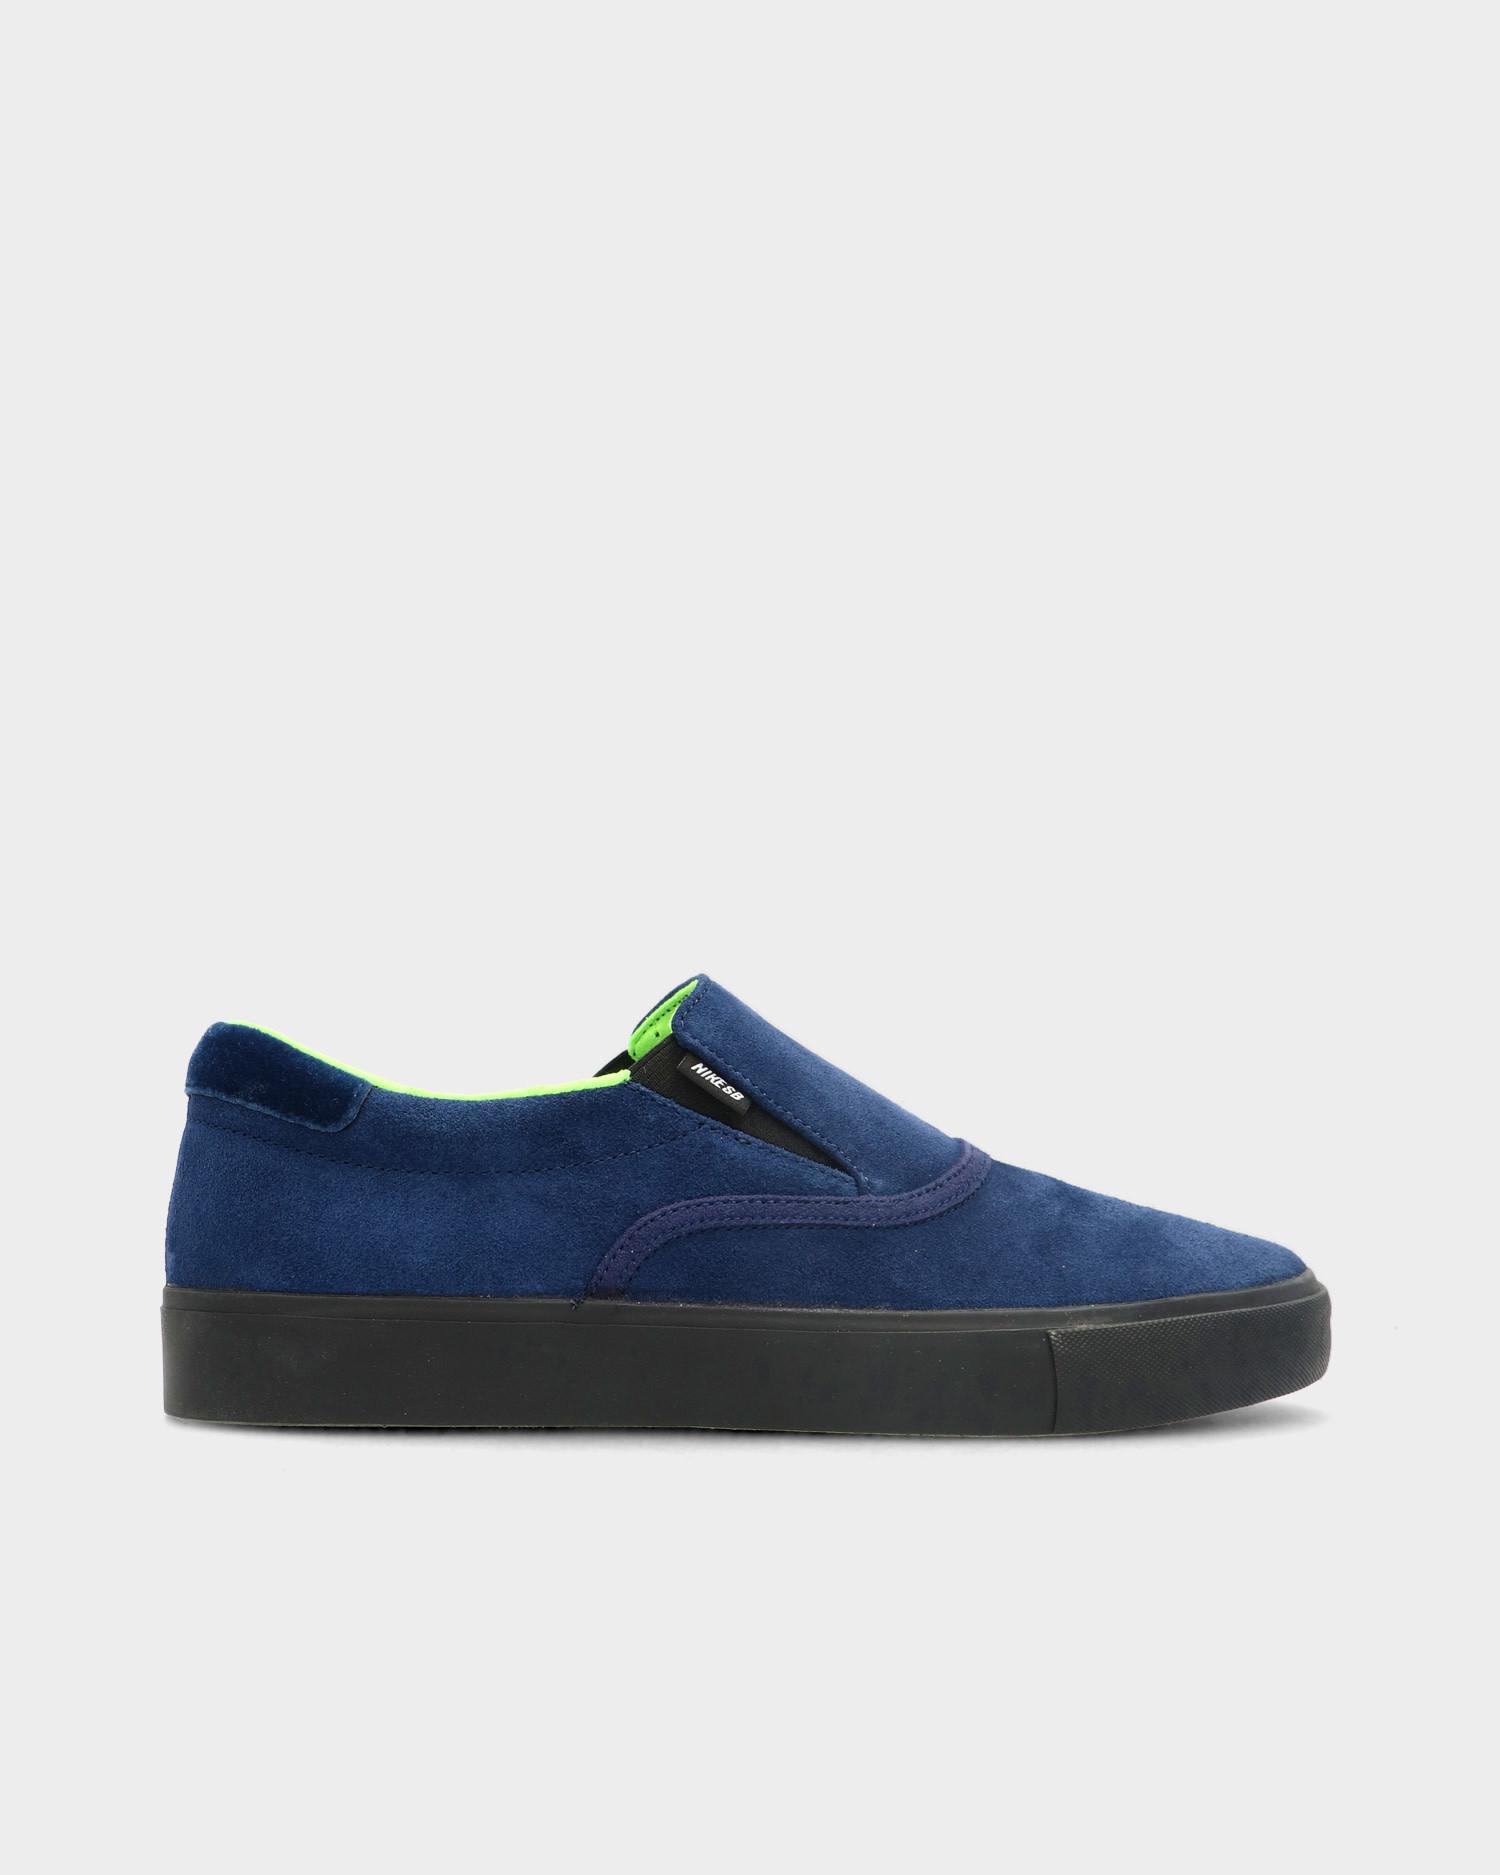 Nike SB Zoom Verona Slip Leo Blue Void/Black Blue Void